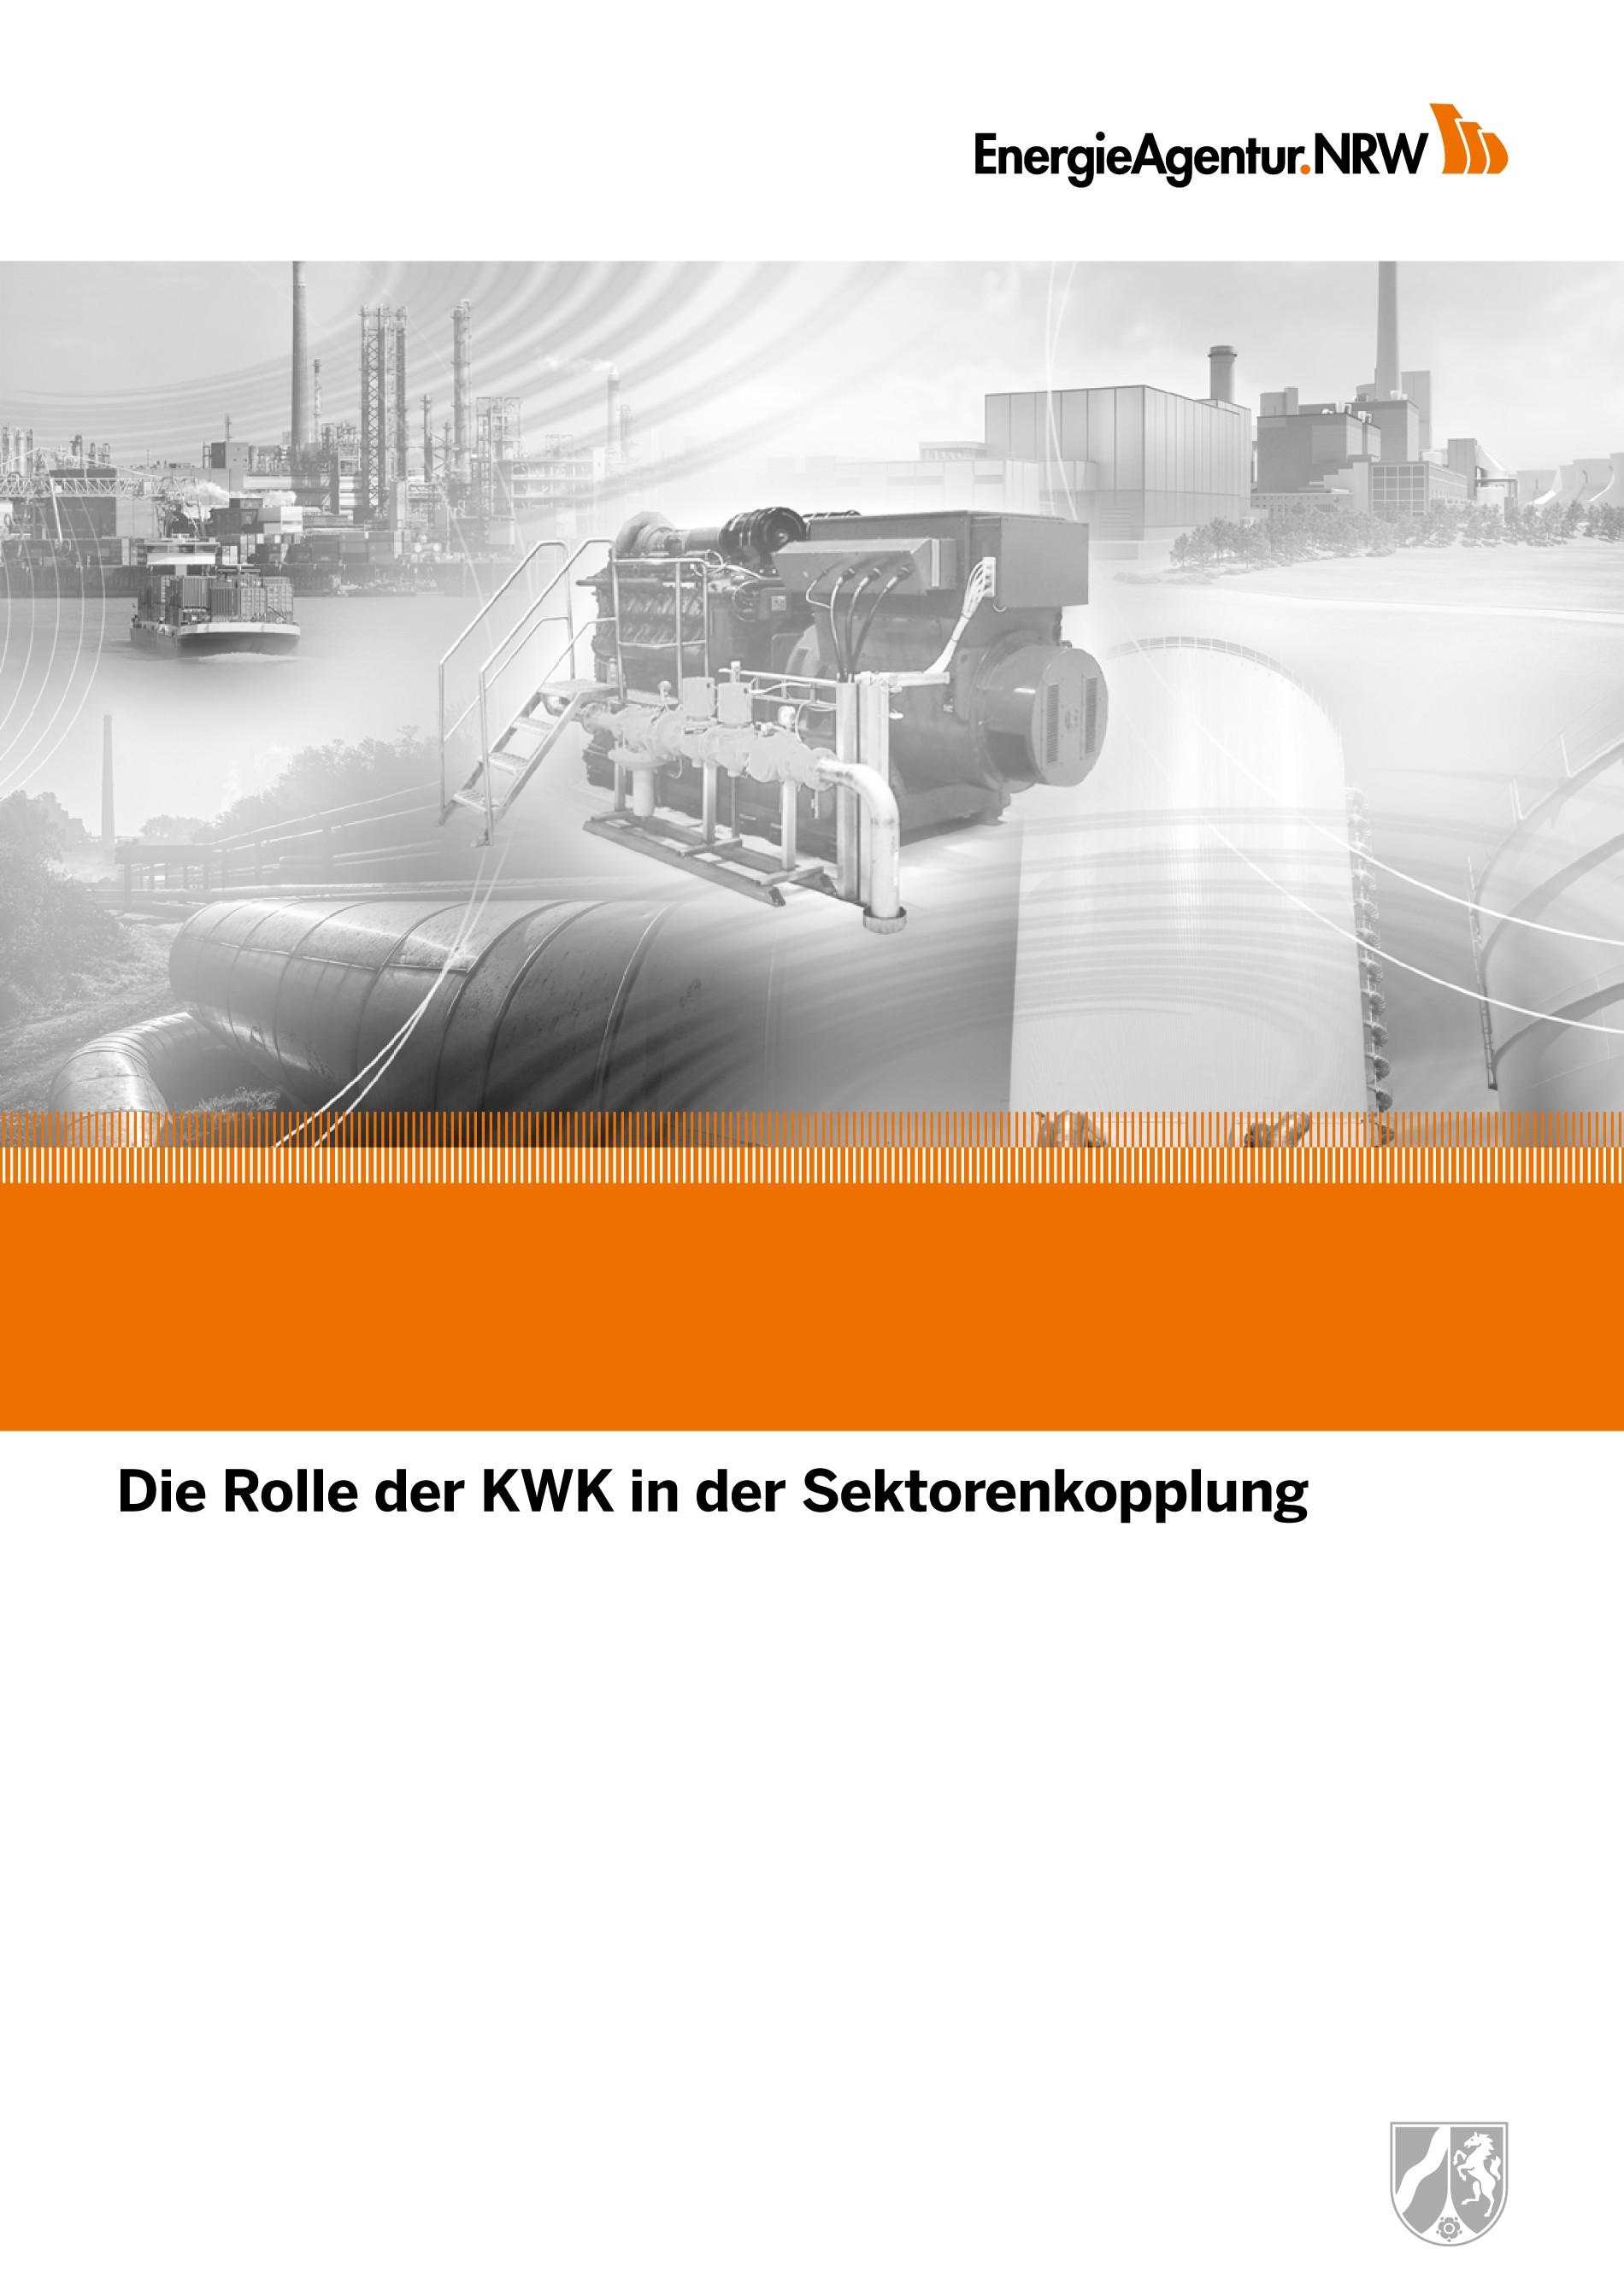 Die Rolle der KWK in der Sektorenkopplung